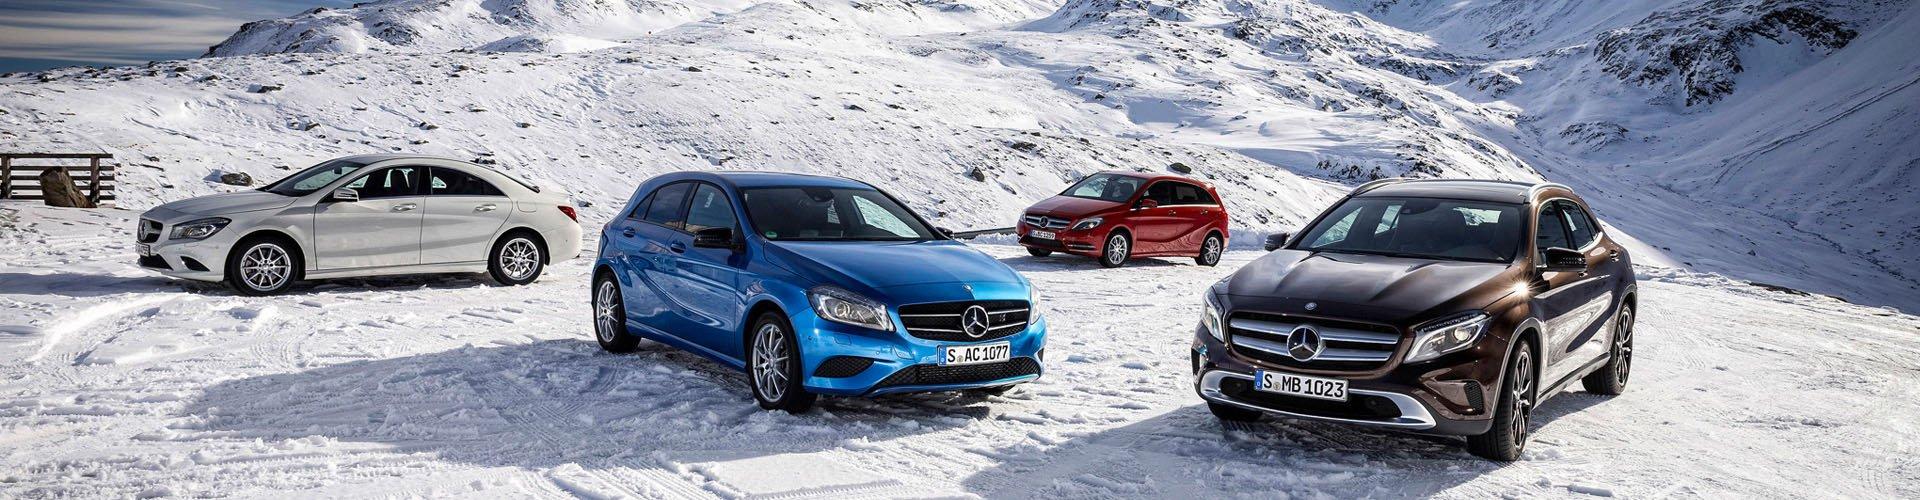 Sneeuwkettingen voor Mercedes